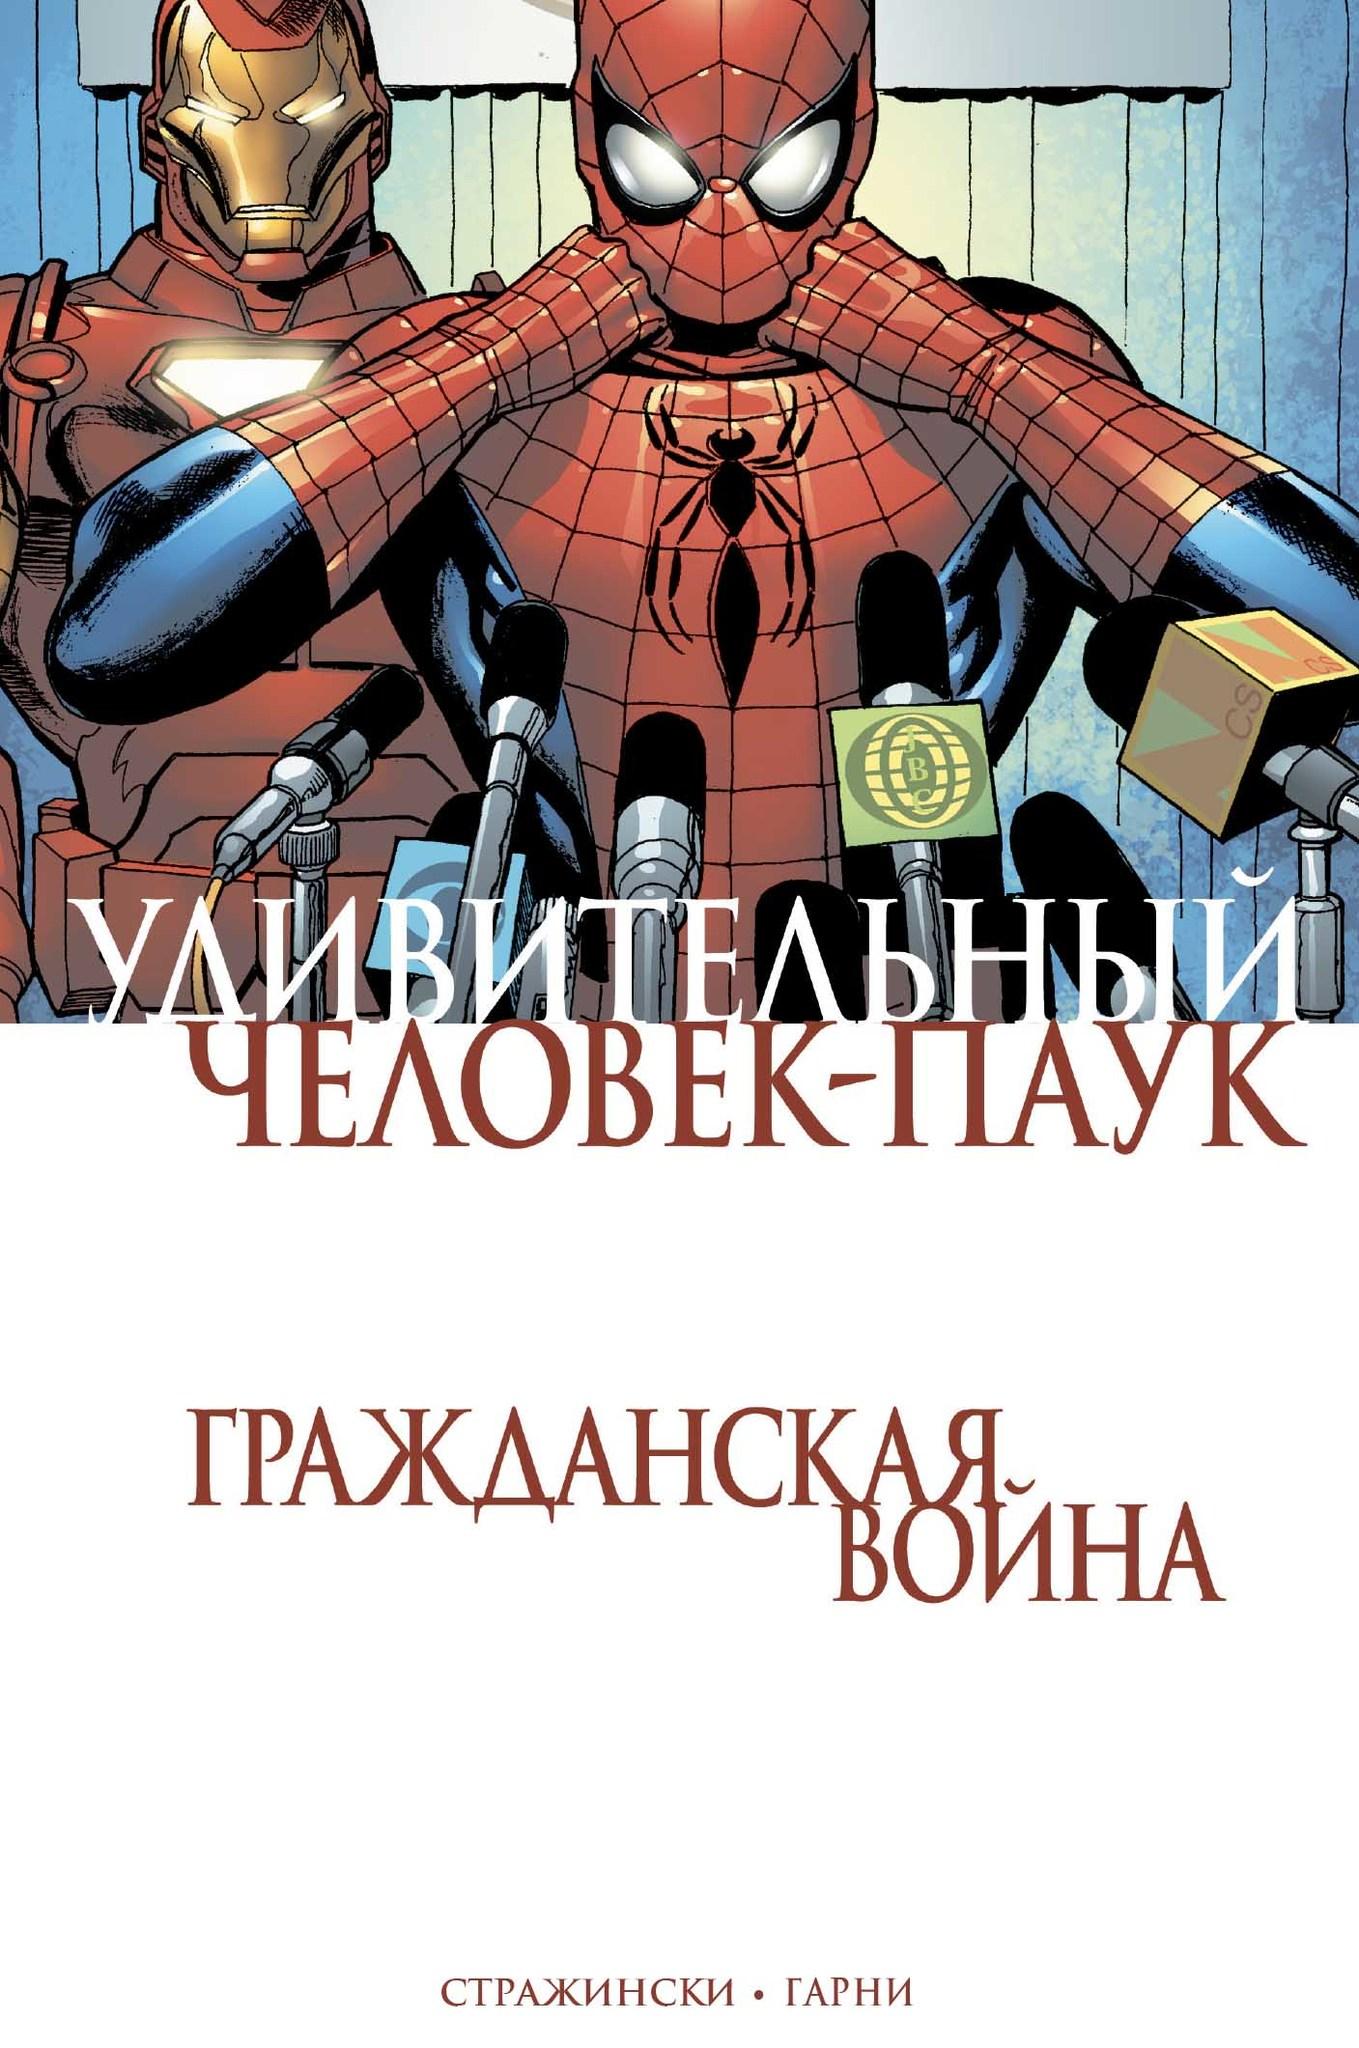 Удивительный Человек-Паук. Гражданская Война